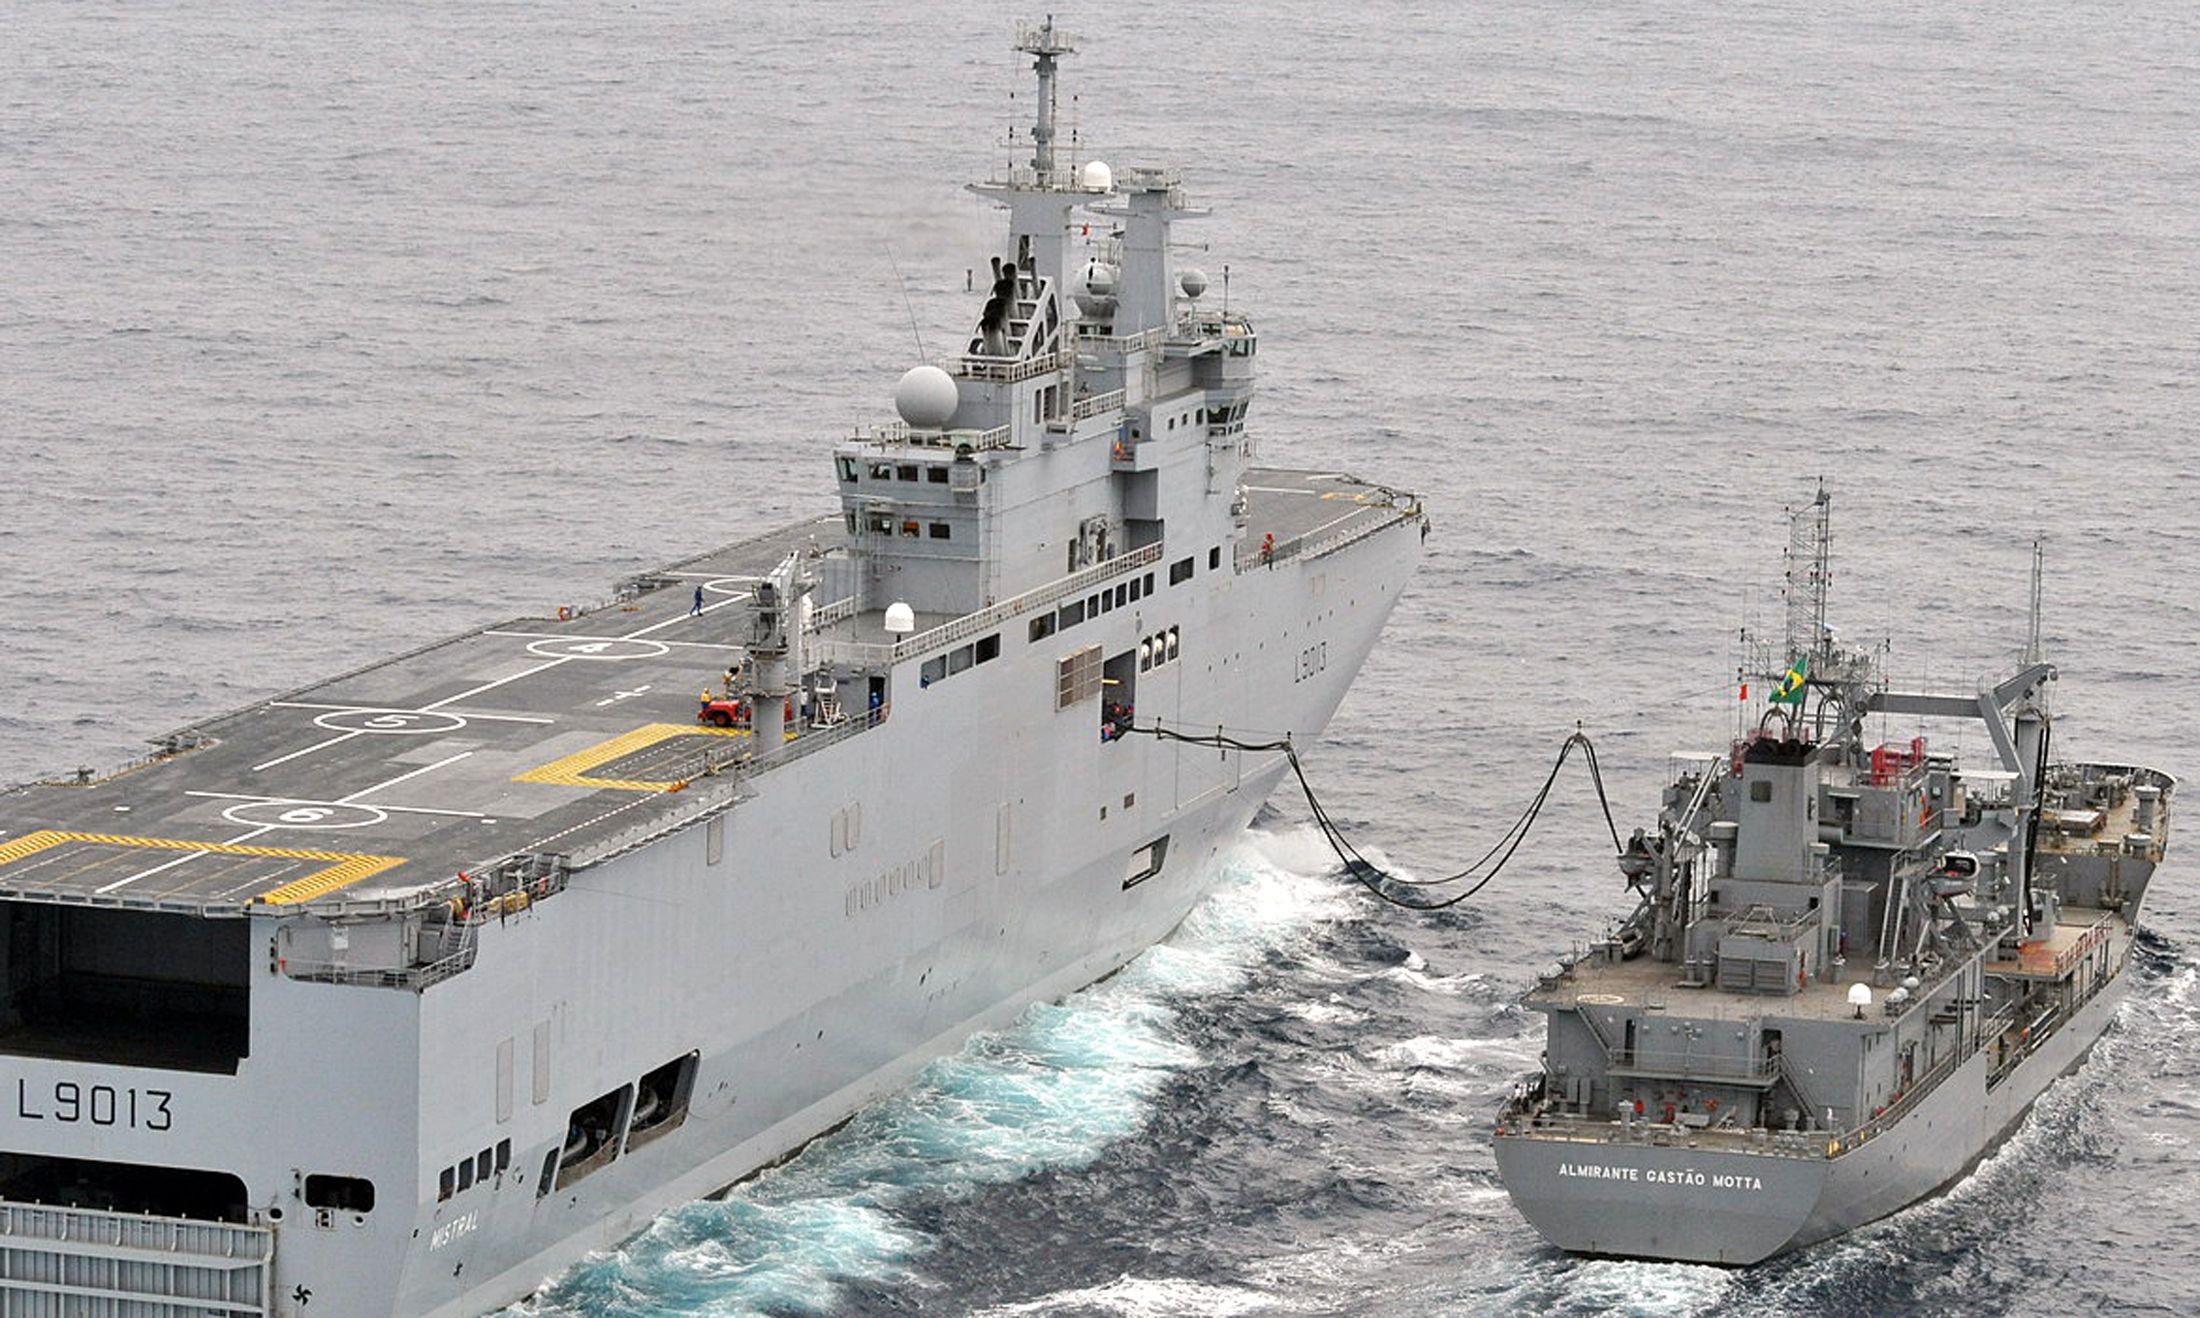 La France et la Russie avaient conclu la livraison de deux navires Mistral pour 1,2 milliard d'euros.